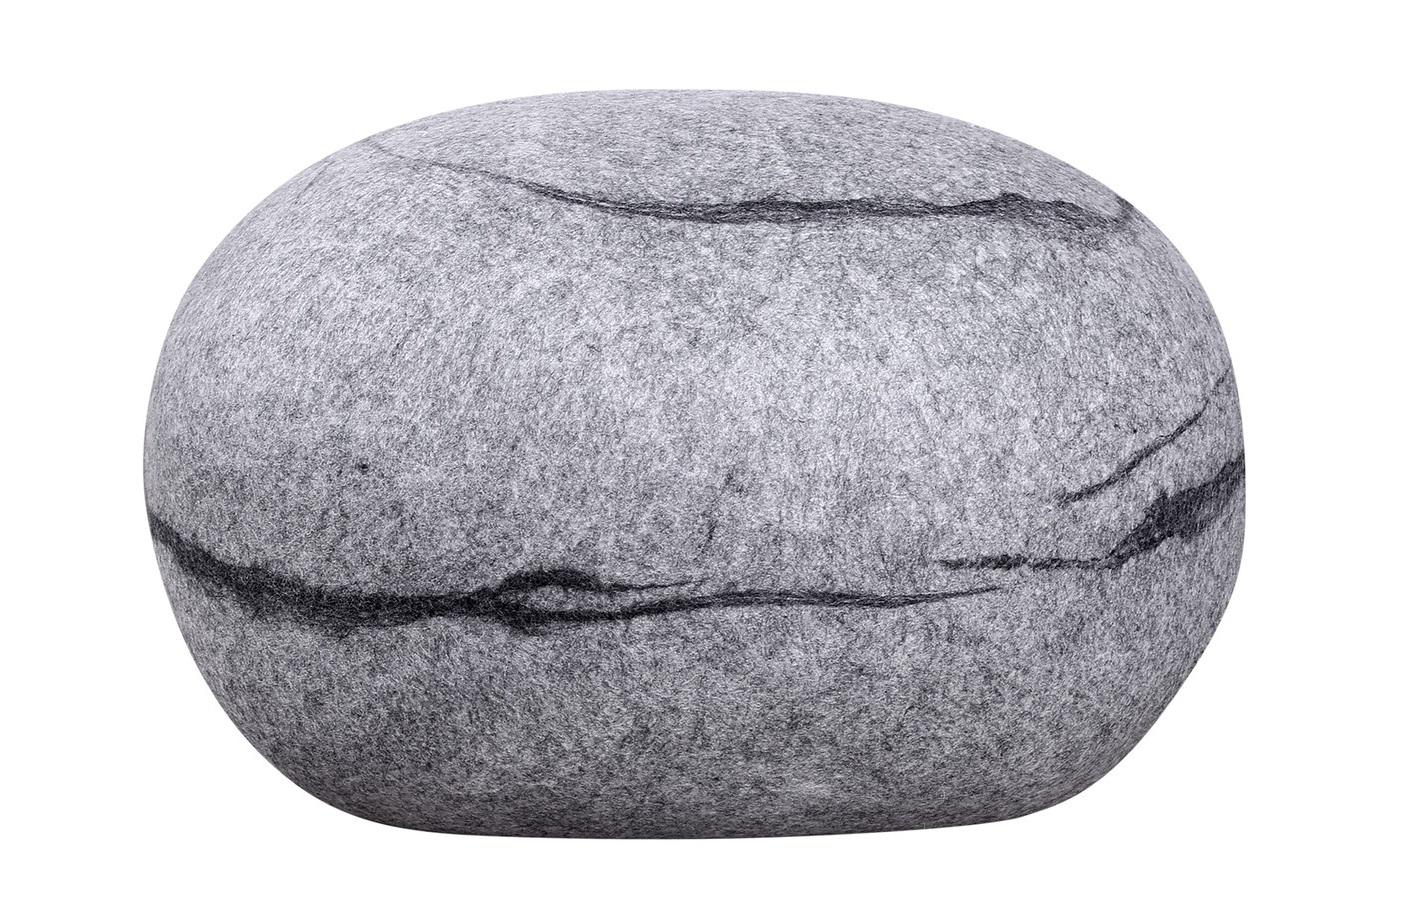 ПуфФорменные пуфы<br>Пуф-камень, изготовлен в ручную. <br>Внешний материал100% шерсть мериноса.<br>Каждый камень оригинален и неповторим, точно так же как нет двух одинаковых камней в природе.  <br>Пуф-камень прекрасно дополнит атмосферу вашего дома, вне зависимости в каком стиле выполнено пространство.<br>Пуф-камень очень нравится детям, в детской комнате он станет любимым предметом интерьера.<br>Пуф-камень не только интерьерное изделие, он функционален и долговечен при использовании по назначению.<br><br>Material: Шерсть<br>Ширина см: 54<br>Высота см: 39<br>Глубина см: 63